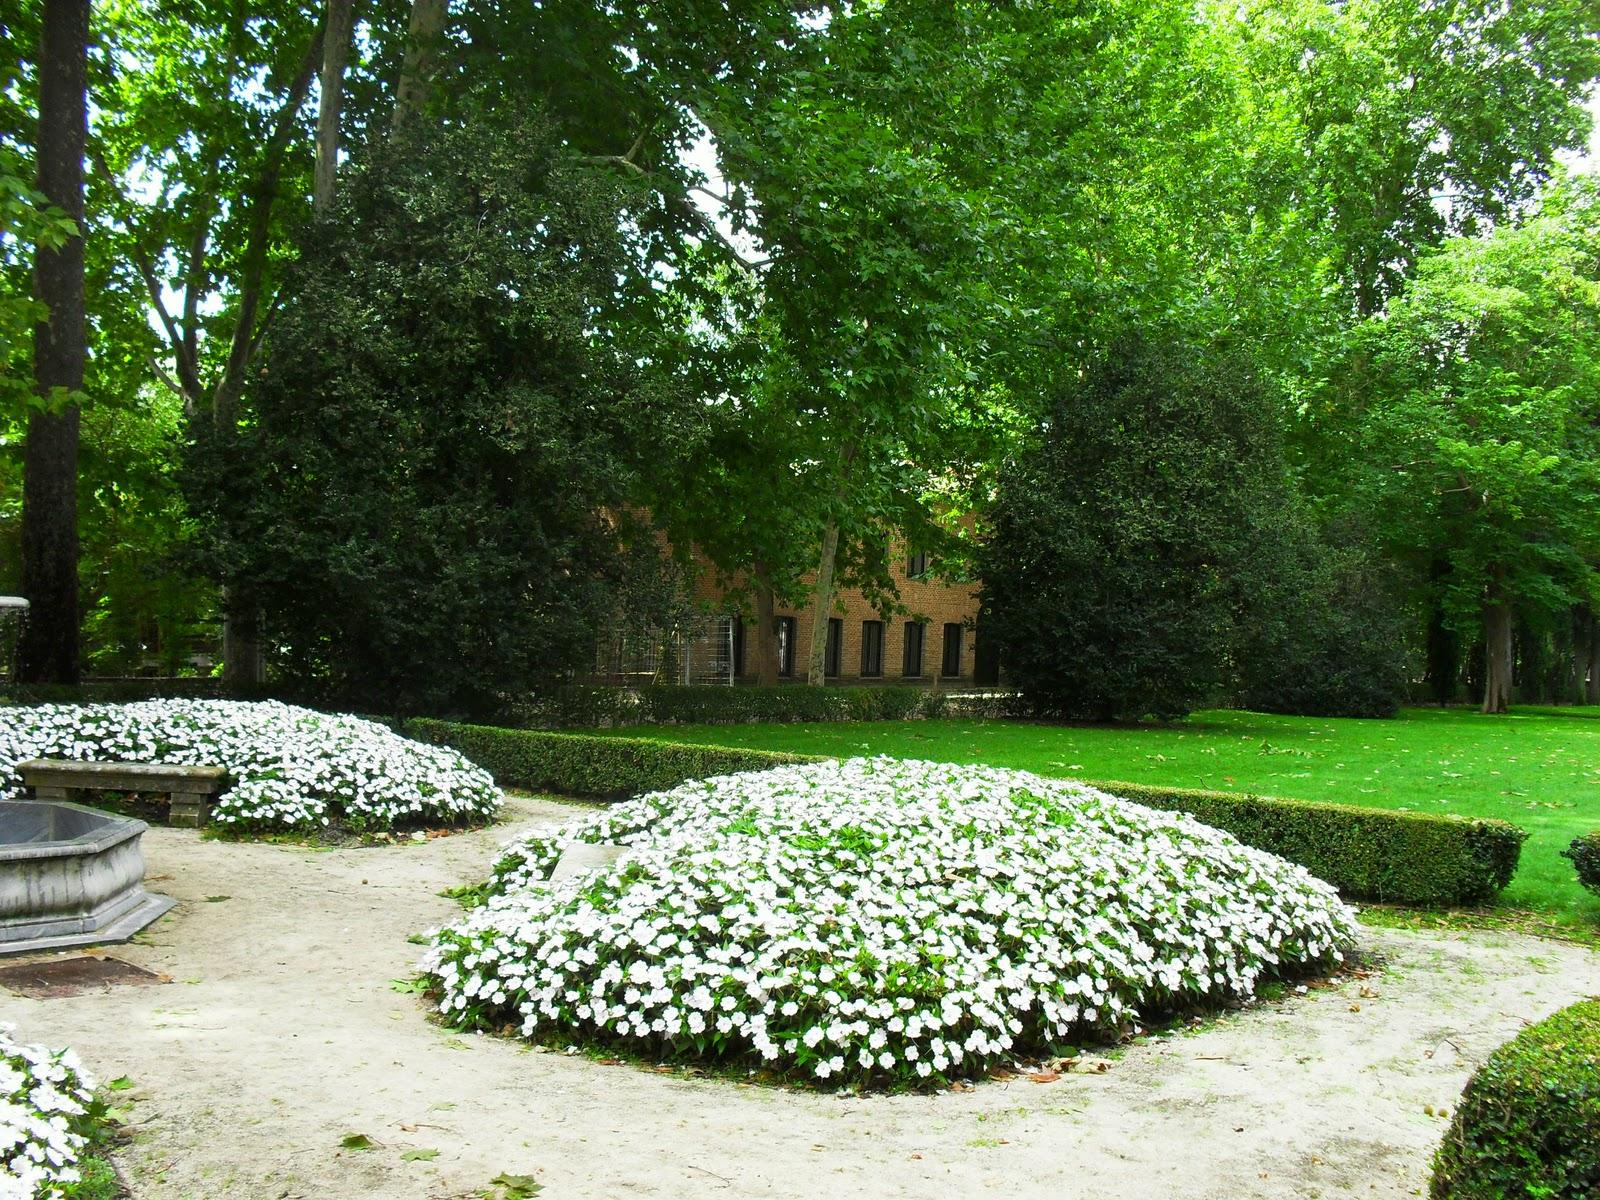 Arte y jardiner a plantas tapizantes for Jardineria y plantas